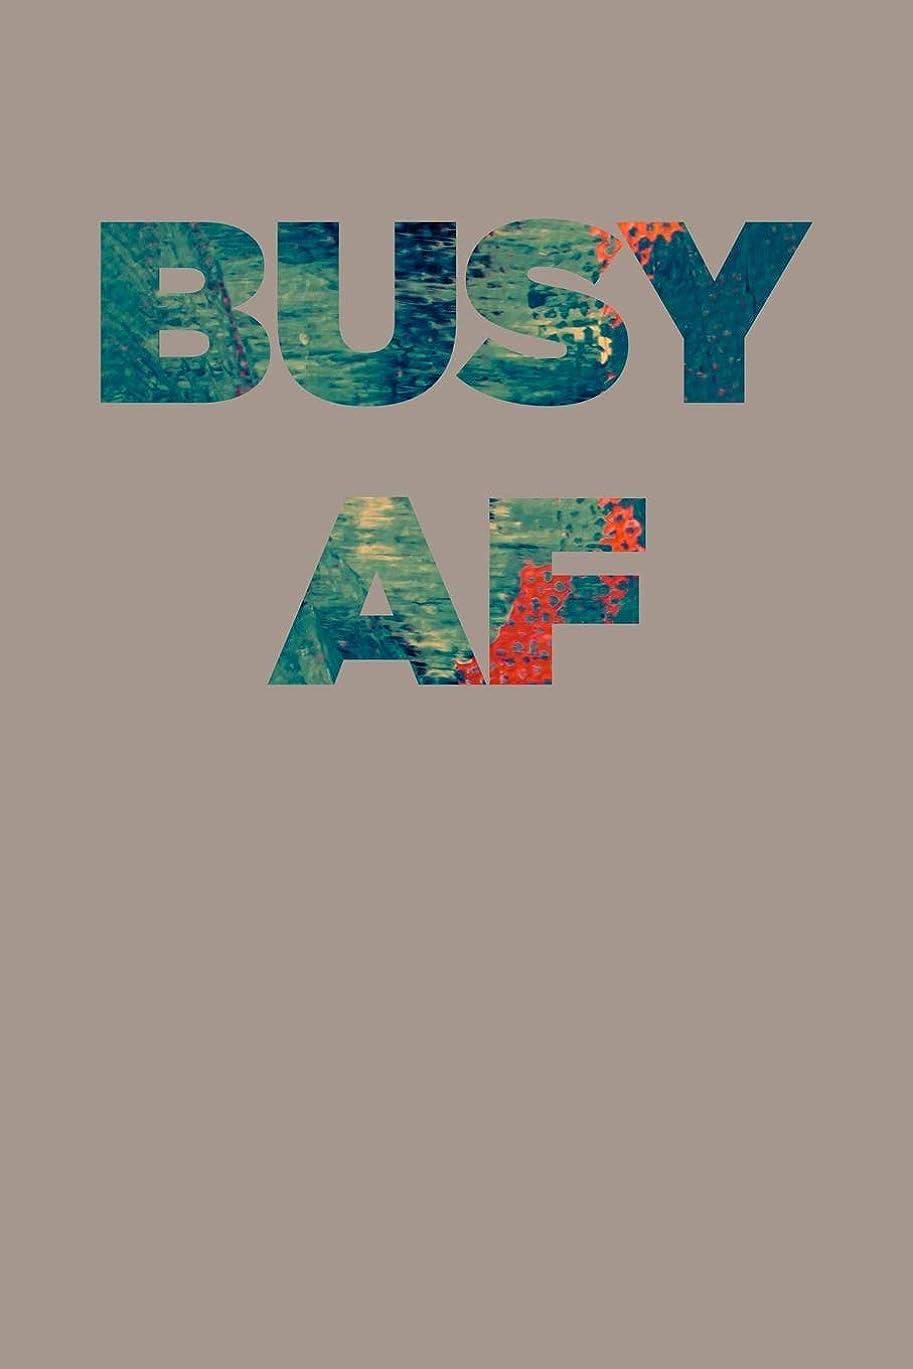 仕方シェード外出Busy AF: Planner 2019: Weekly Organizer and Notebook: Modern neutral and oil paint design